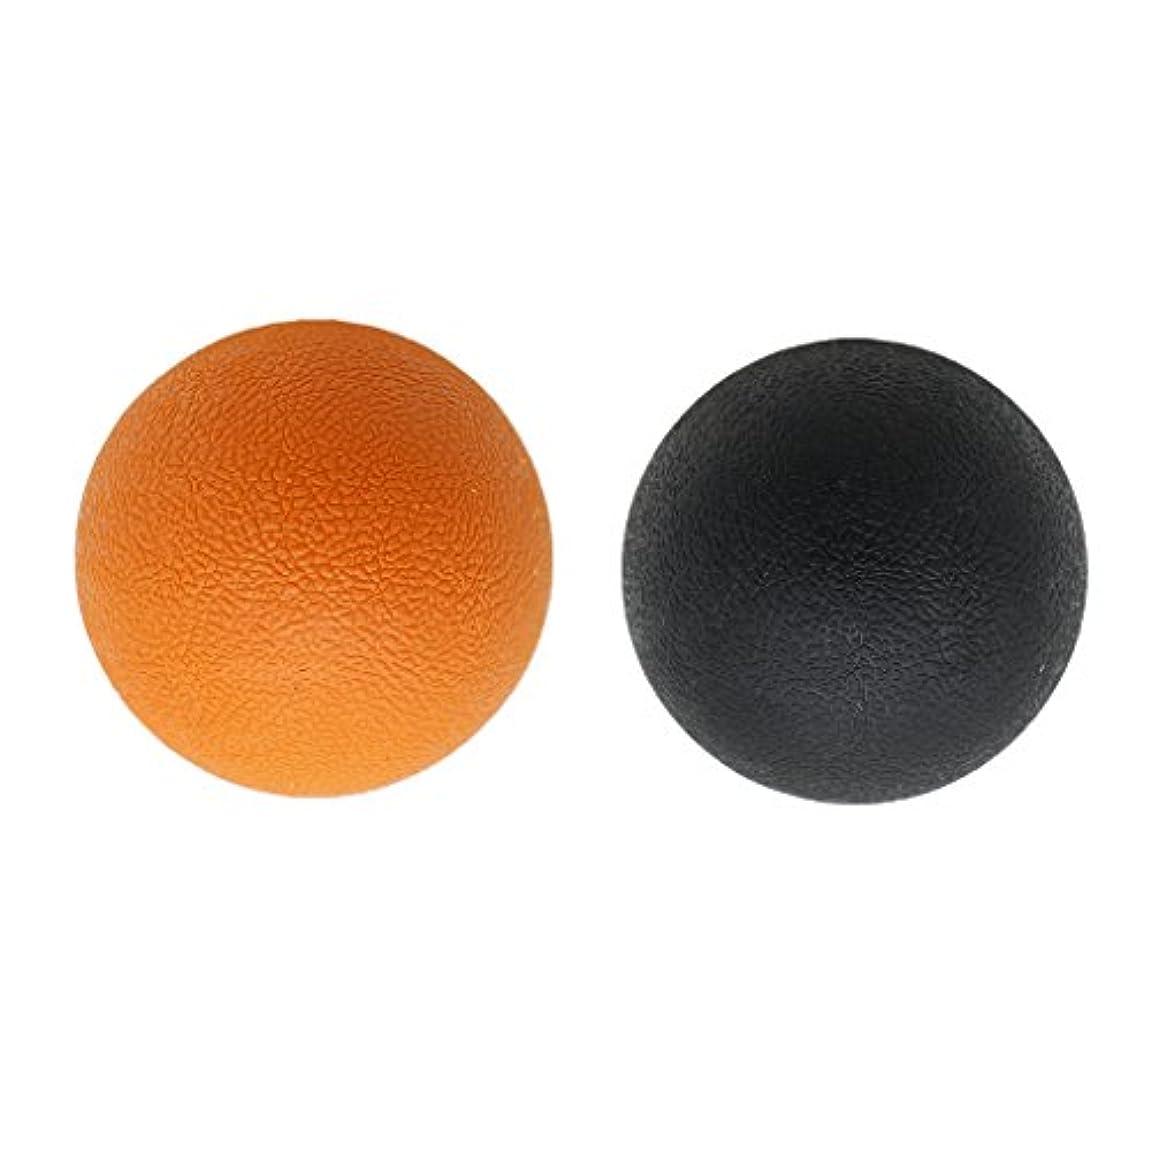 高架究極の援助Baoblaze 2個 マッサージボール ラクロスボール トリガ ポイントマッサージ 弾性TPE 多色選べる - オレンジブラック